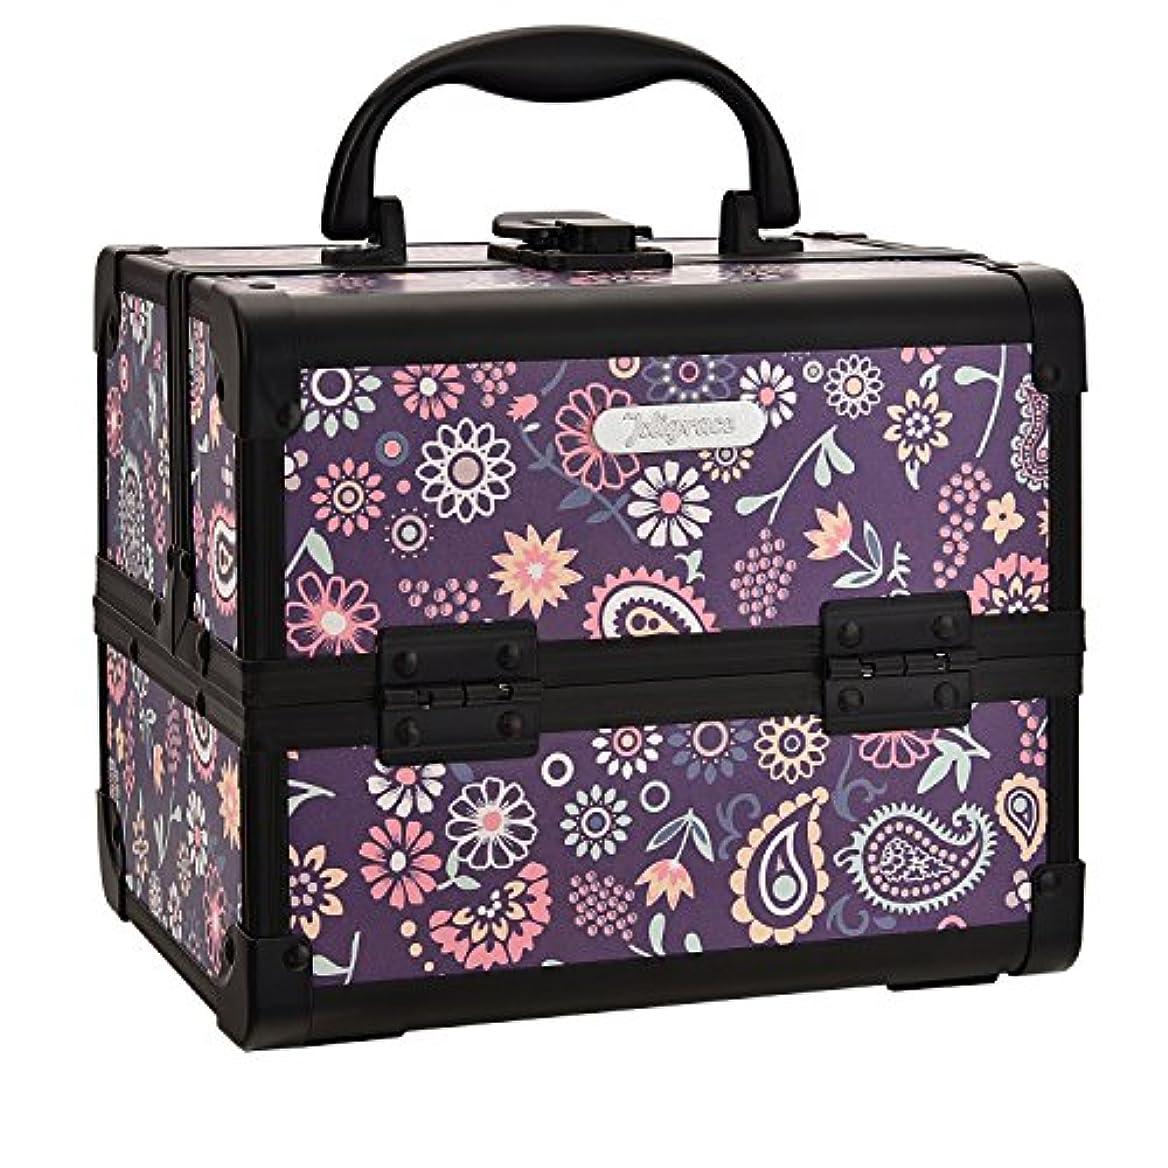 抹消ネコ一次Hapilife コスメボックス 鏡付き スライドトレイ メイク用品収納 プロ仕様 小型 化粧箱 ピンク(紫の花)